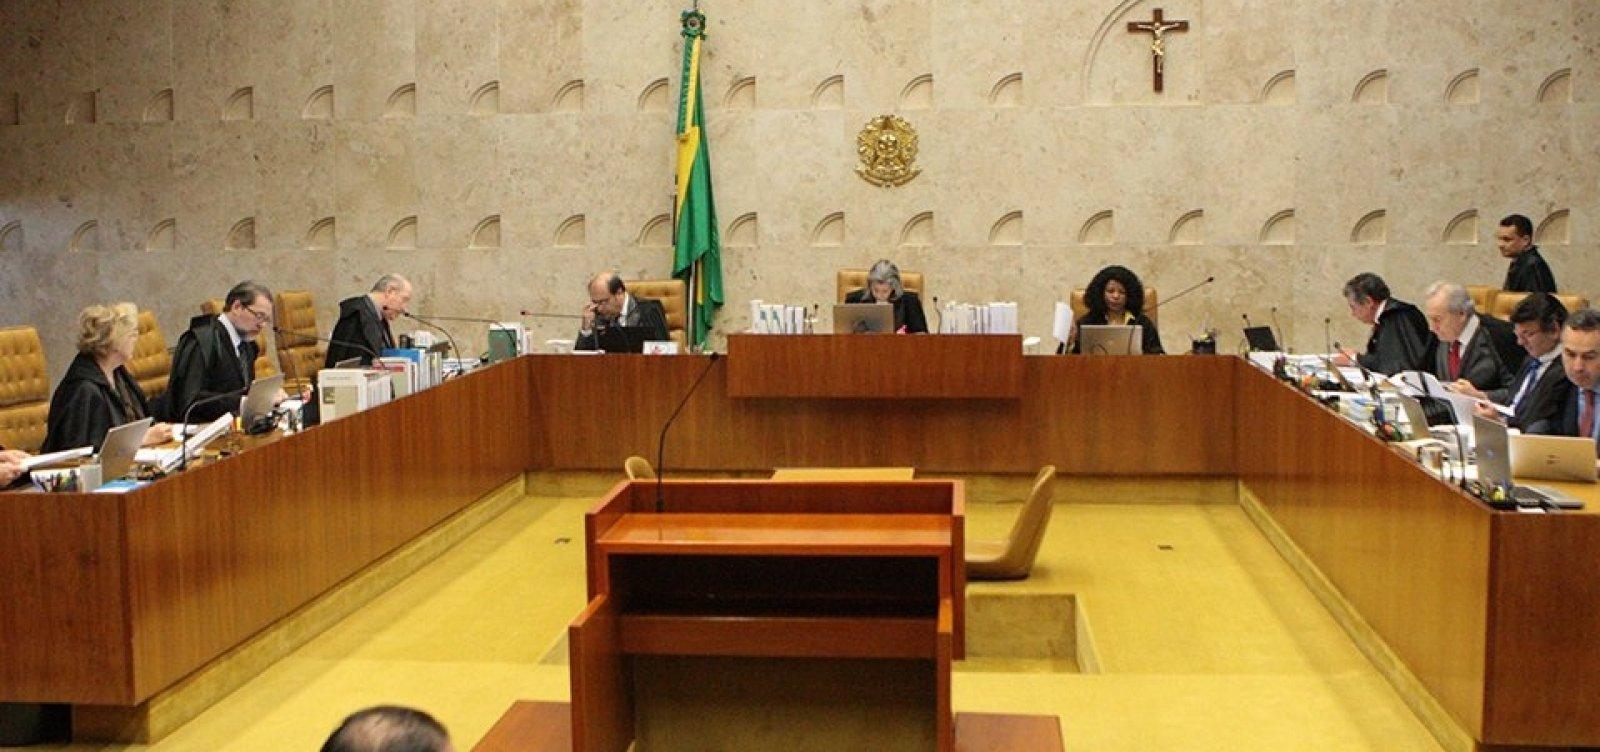 STF rejeita reconhecimento de 'direito ao esquecimento' no Brasil